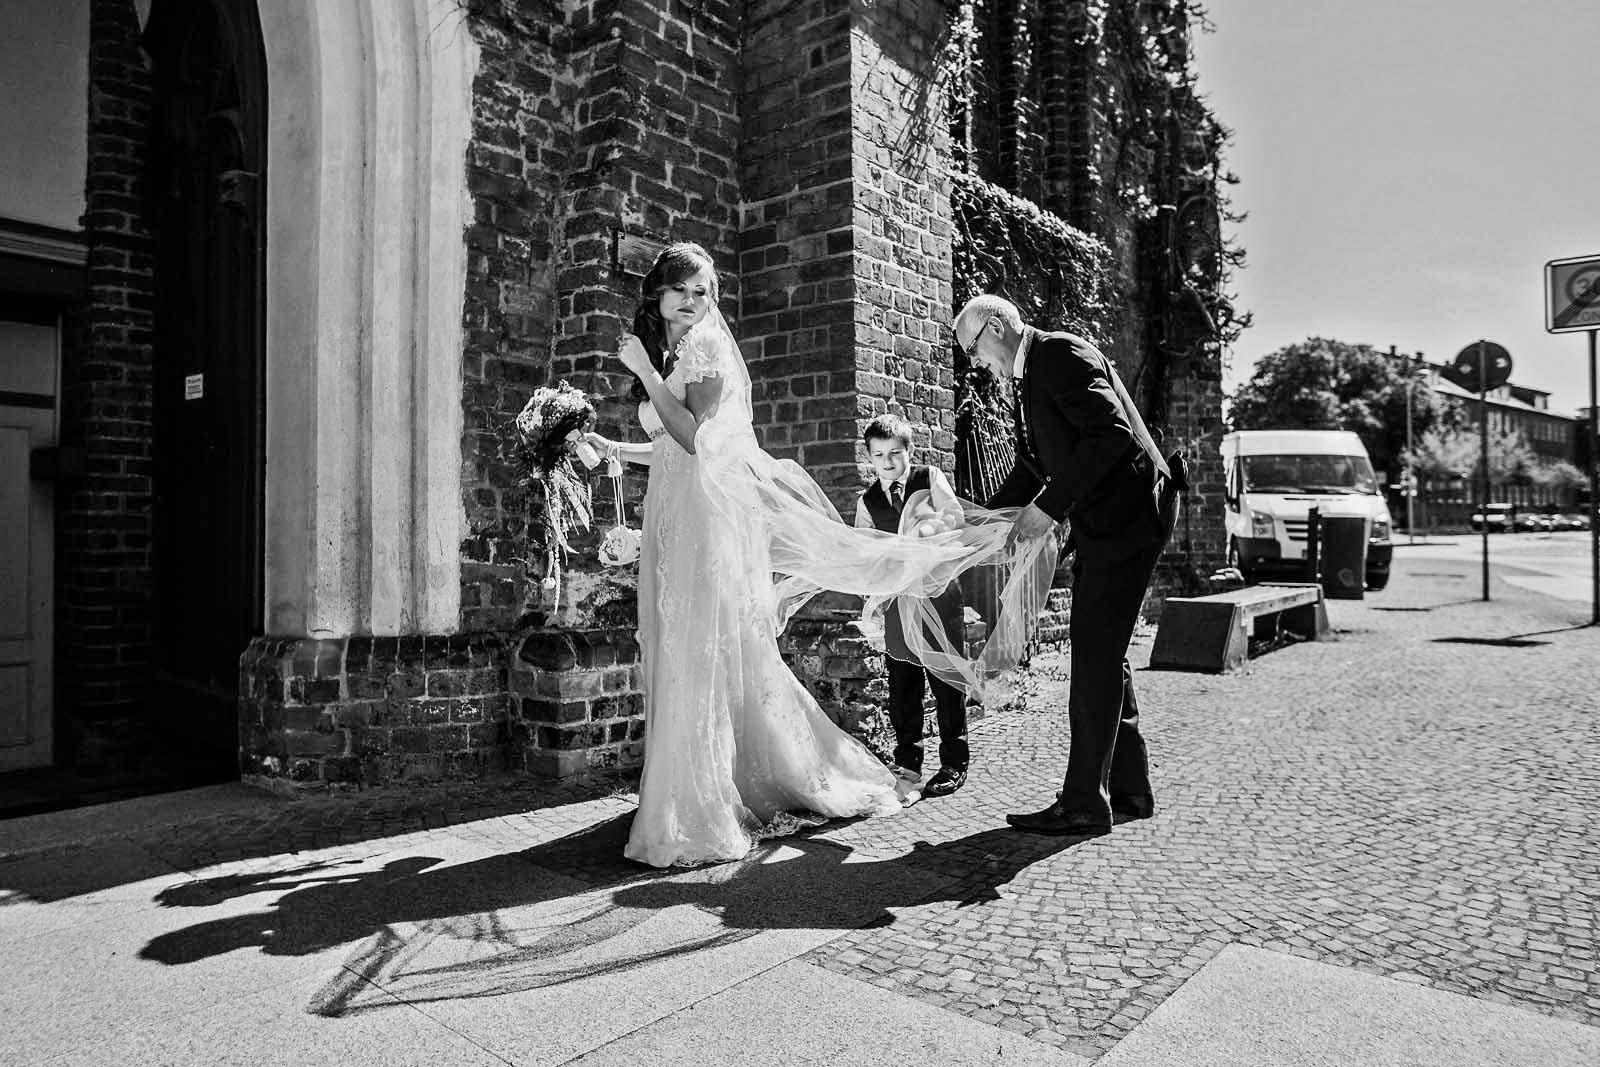 Braut mit Schleier Hochzeitsreportage in Stralsund Copyright by Hochzeitsfotograf www.berliner-hochzeitsfotografie.de